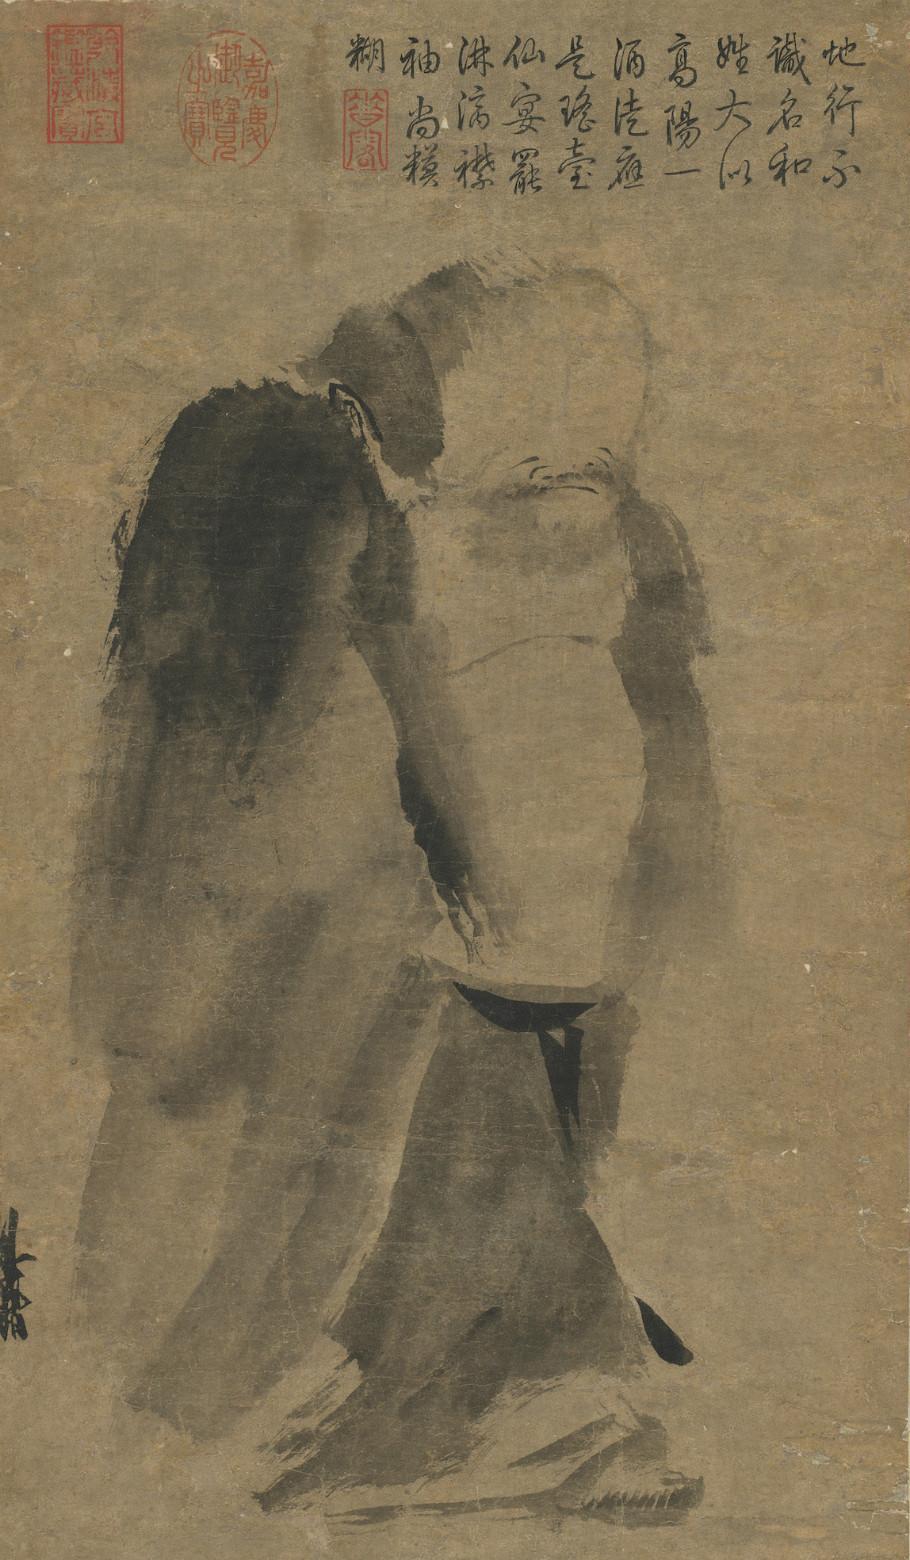 宋 梁楷 泼墨仙人图 纸本水墨 48.7x27.7cm 台北故宫博物院藏.jpg